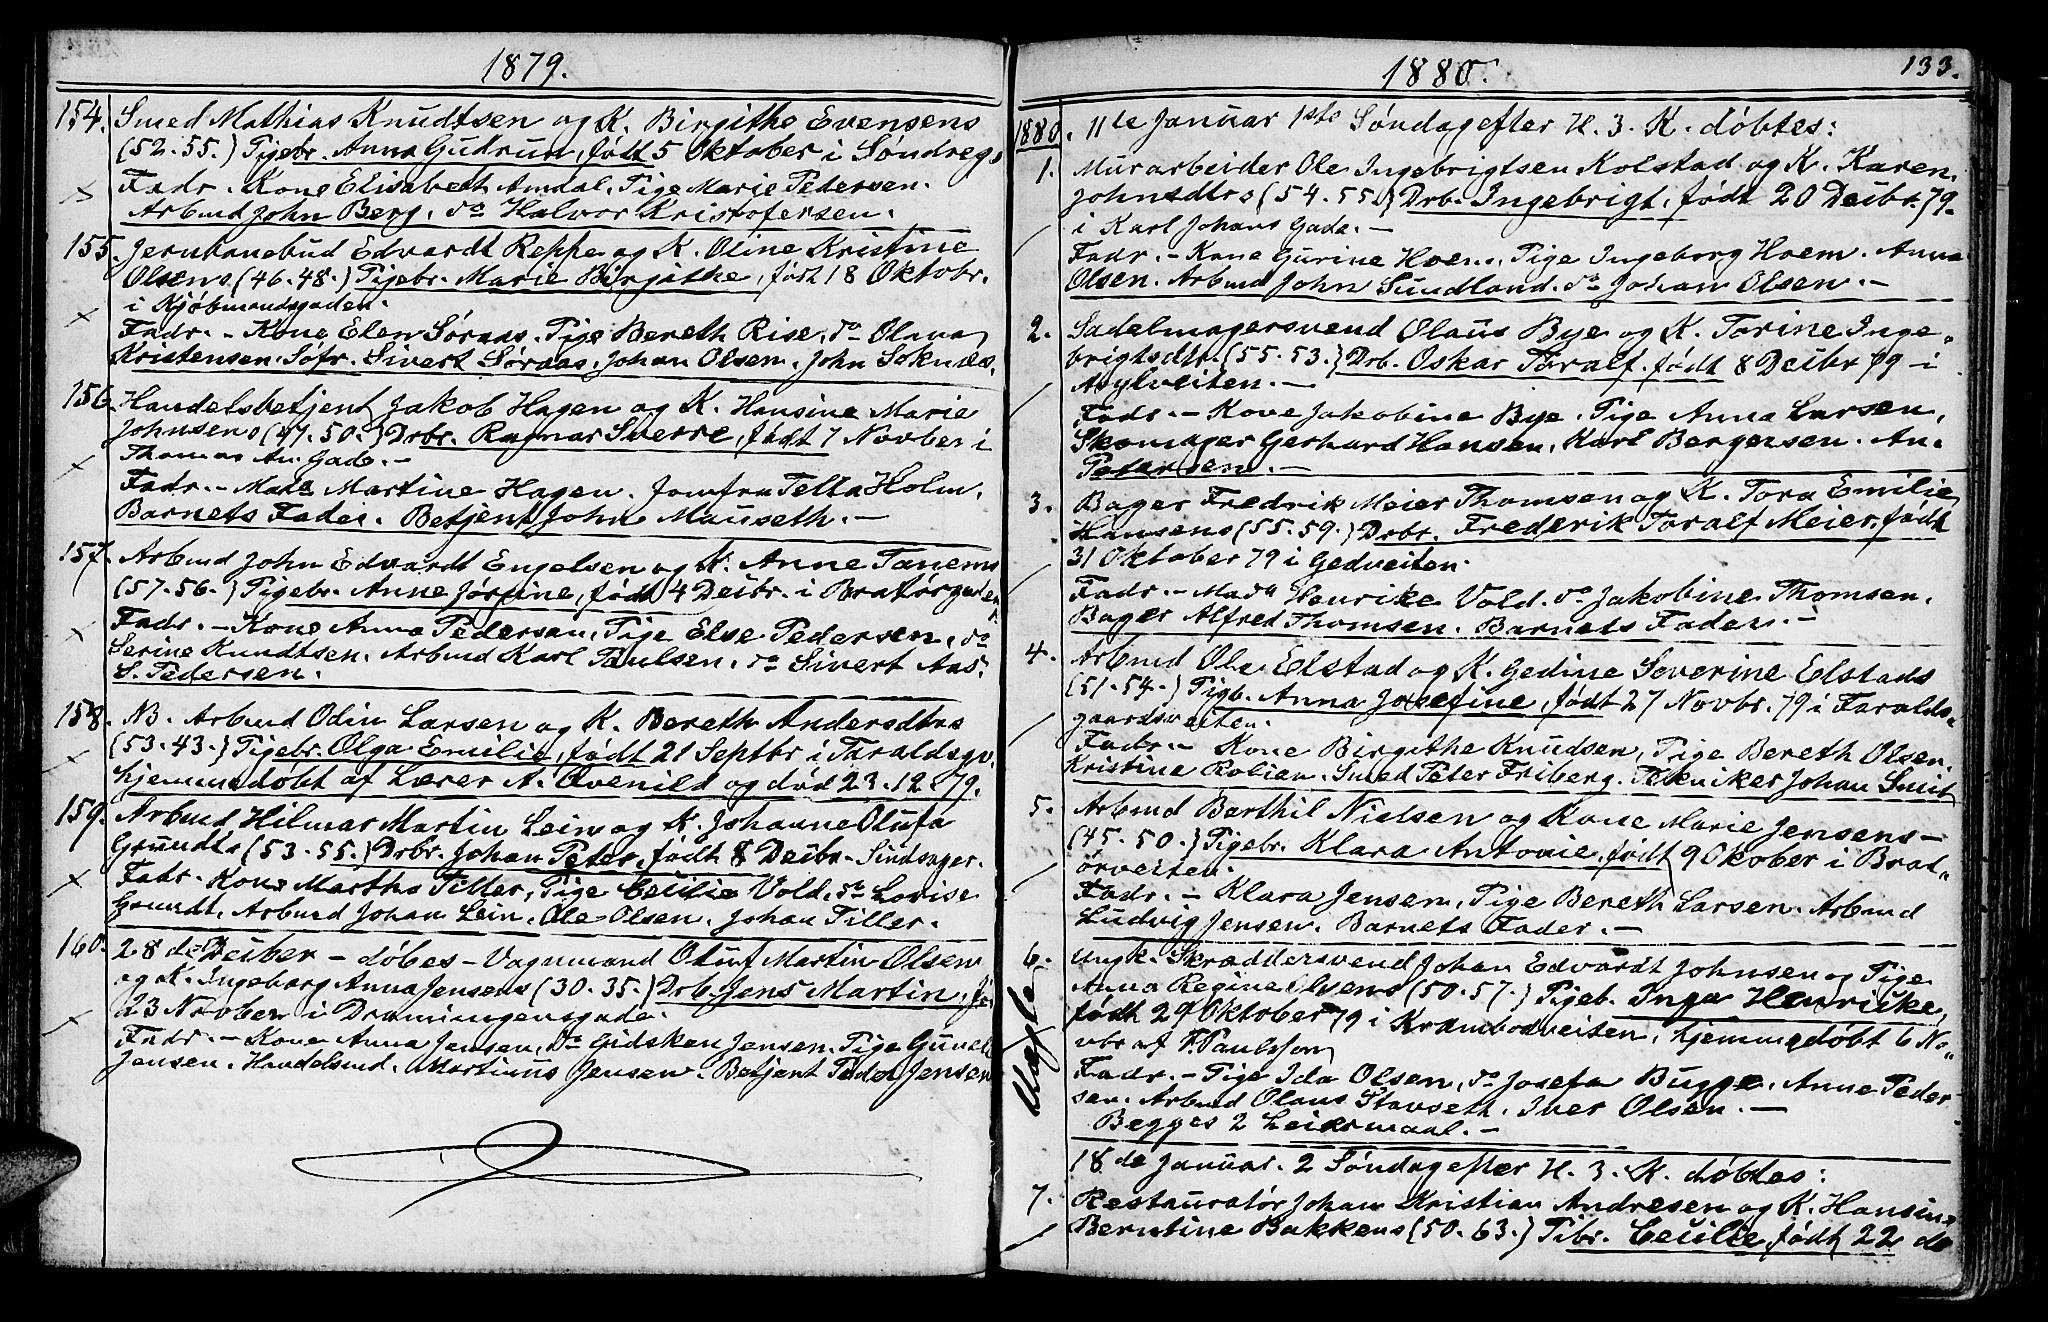 SAT, Ministerialprotokoller, klokkerbøker og fødselsregistre - Sør-Trøndelag, 602/L0142: Klokkerbok nr. 602C10, 1872-1894, s. 133